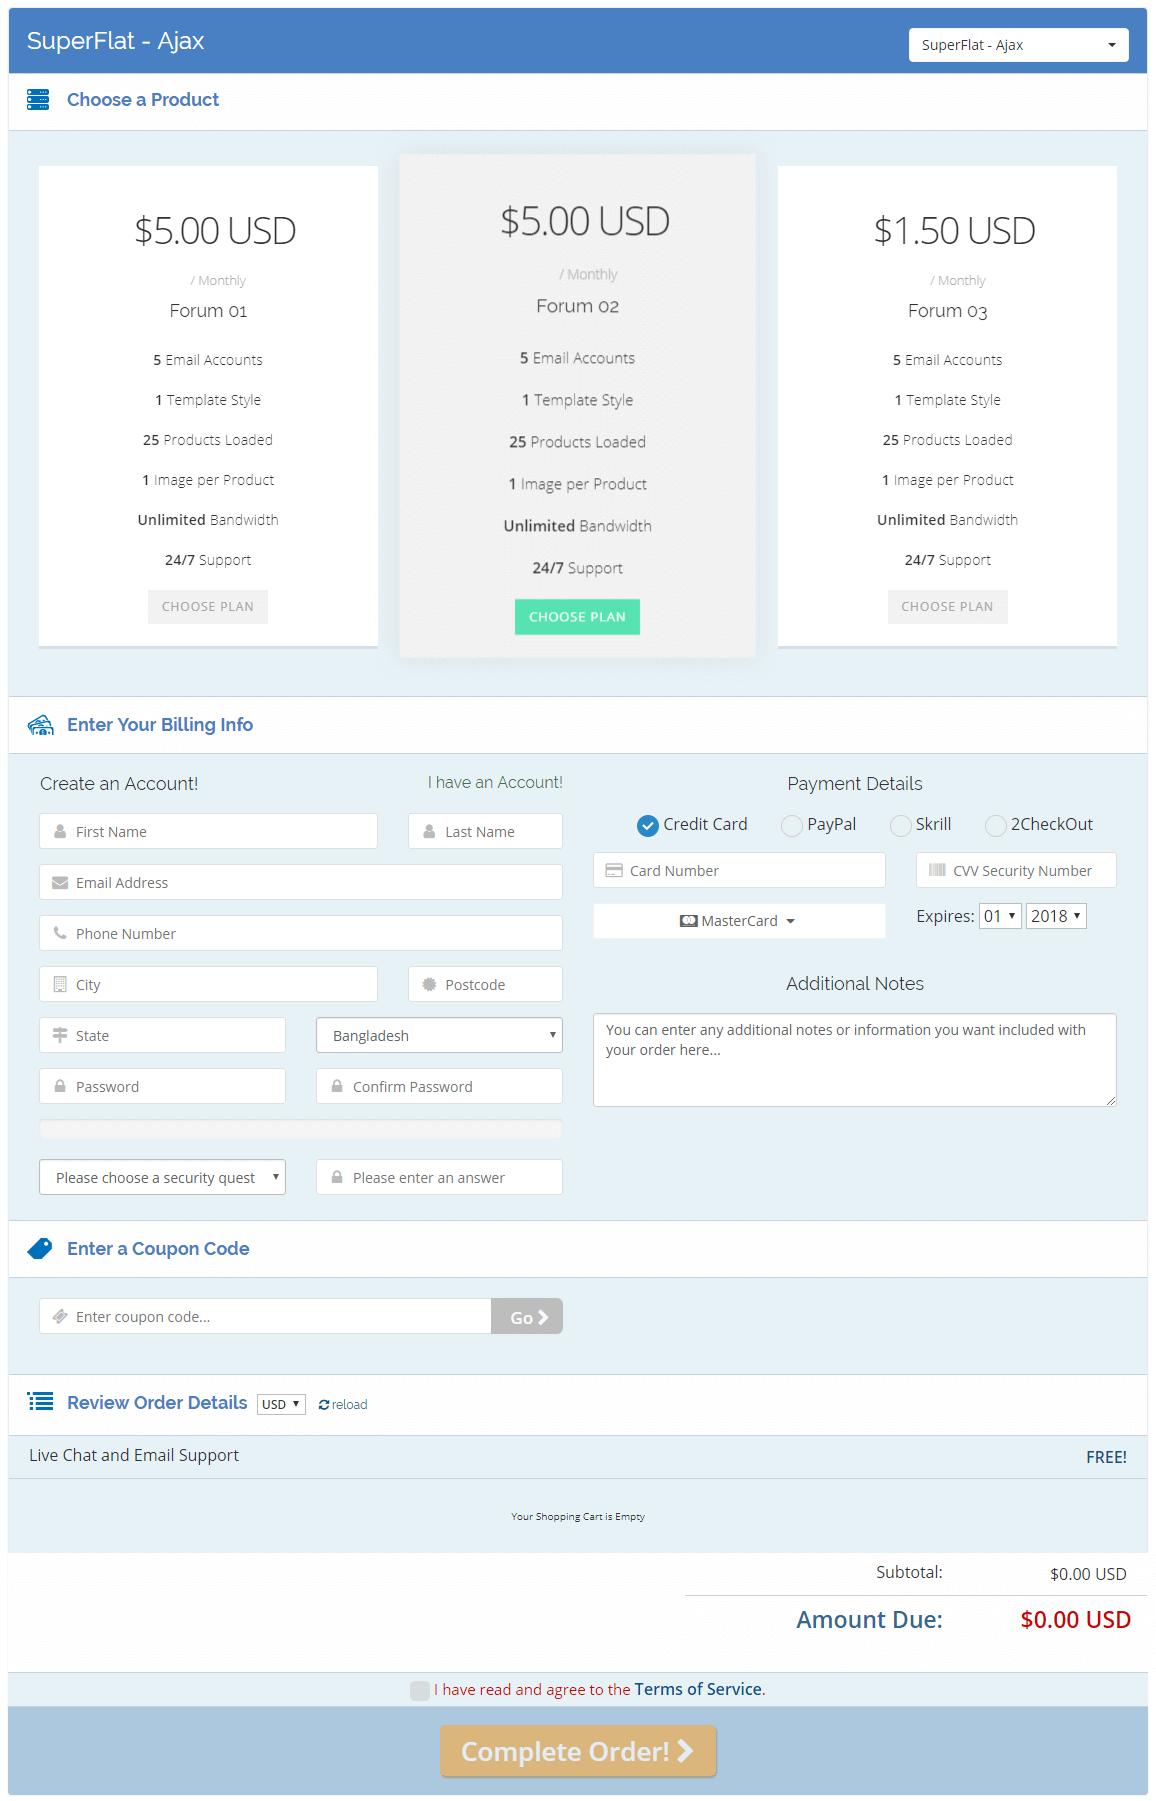 7e799cbcf7ad74a2a19688a7b15ce275 - Build Your Own Ajax Web Applications Pdf